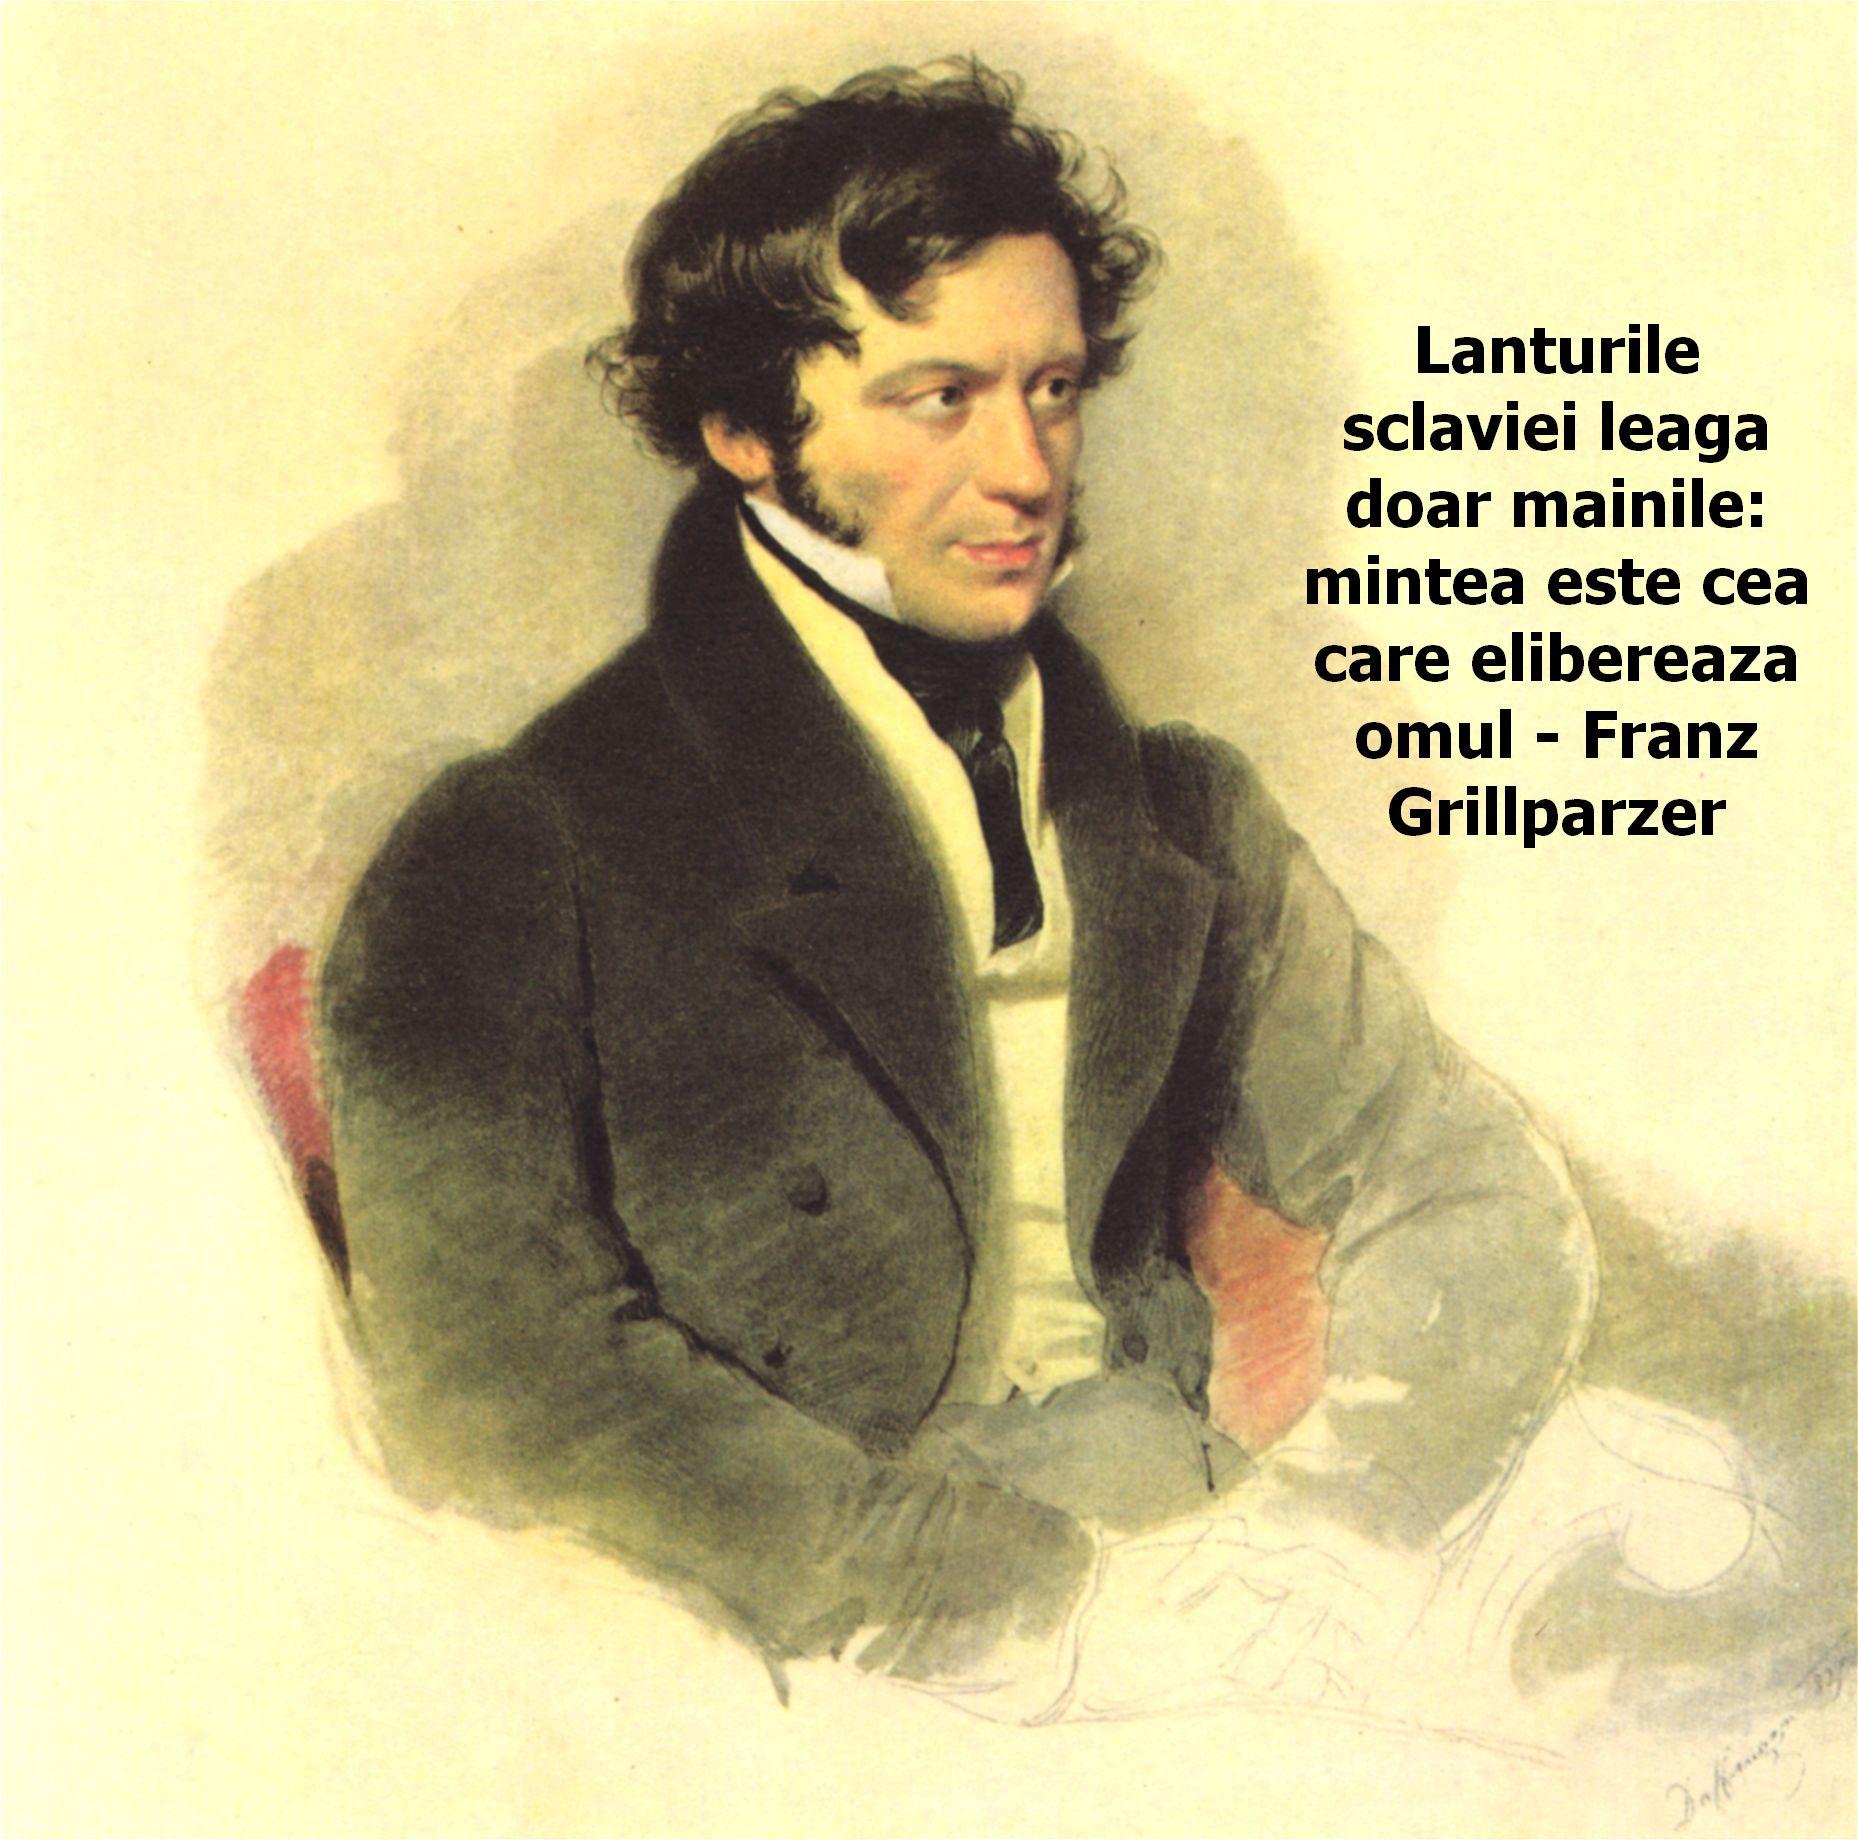 Lanturile sclaviei leaga doar mainile: mintea este cea care elibereaza omul – Franz Grillparzer